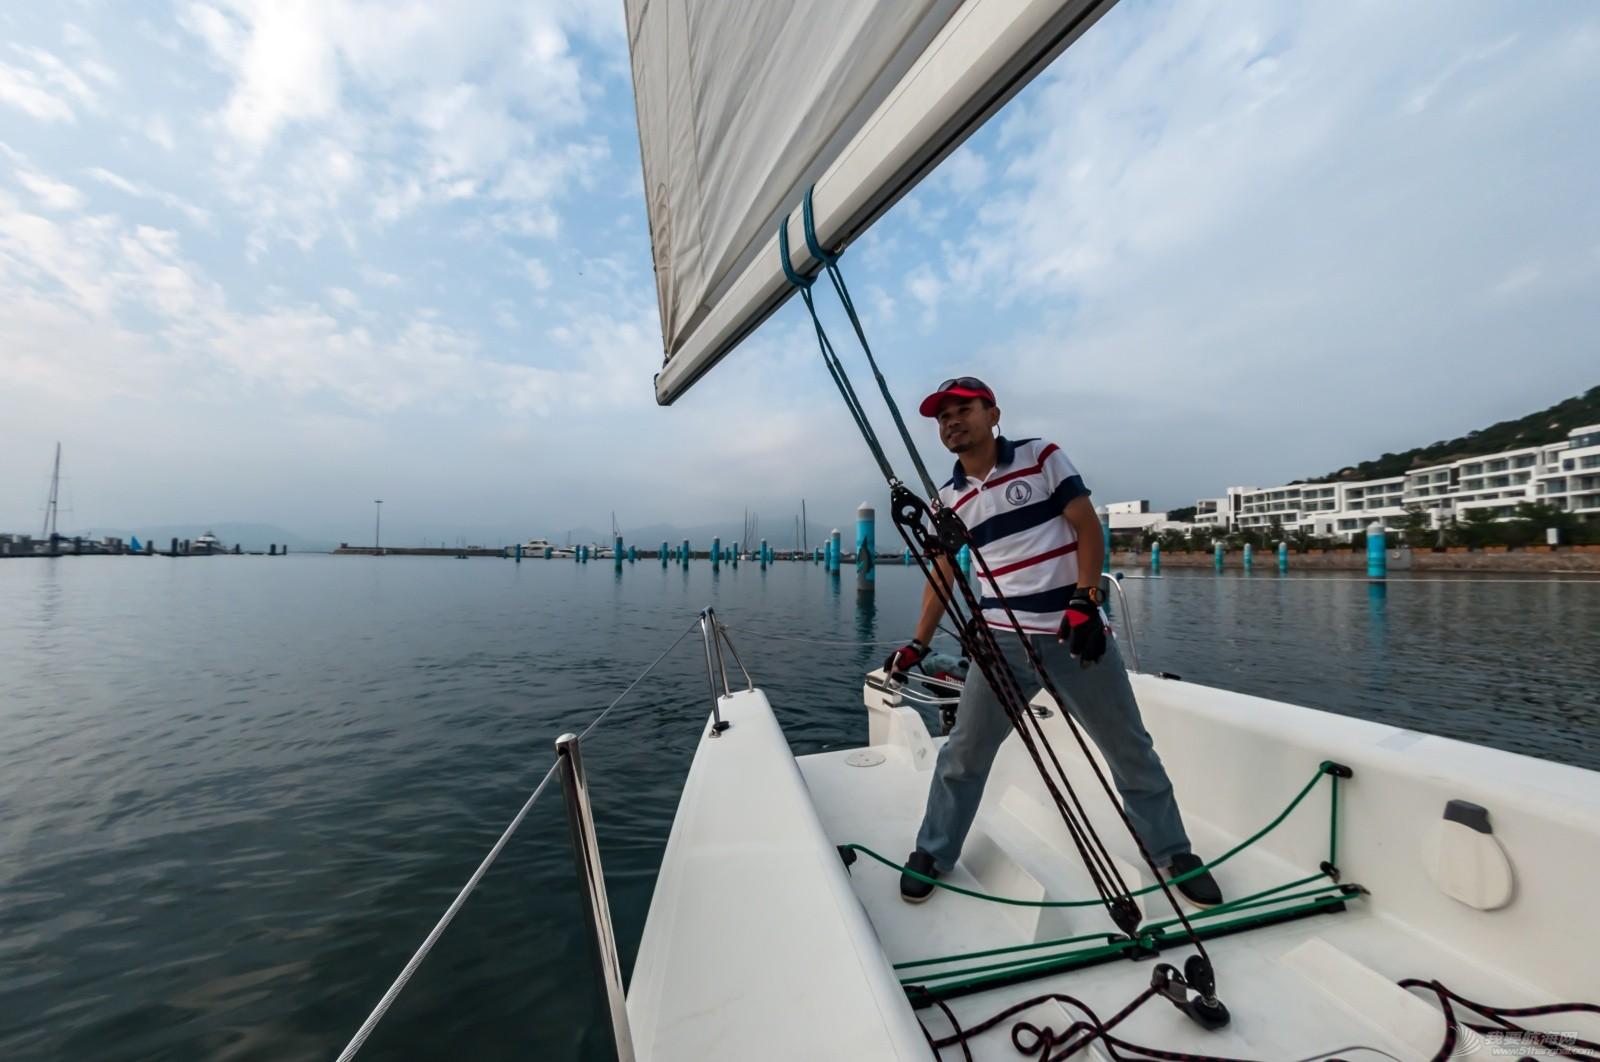 帆船 【2015大鹏杯帆船赛】鱼眼看航海 16051.jpg